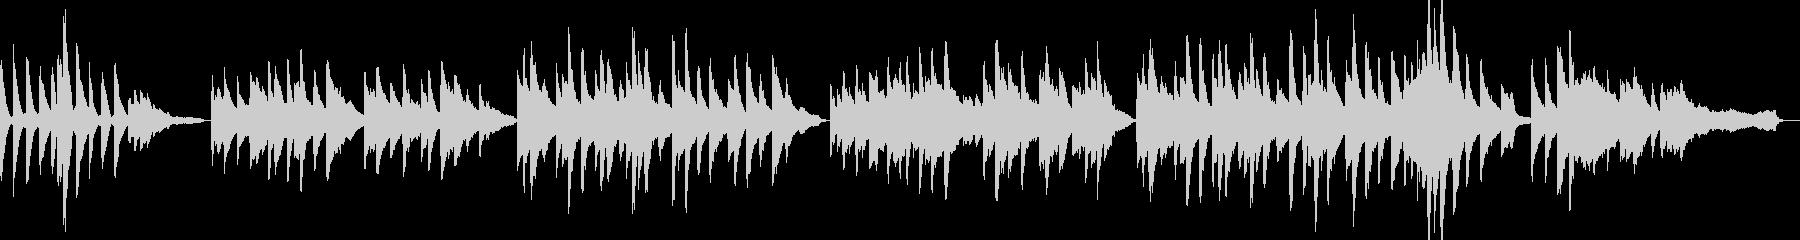 「ふるさと」ピアノアレンジ リバーブ足しの未再生の波形